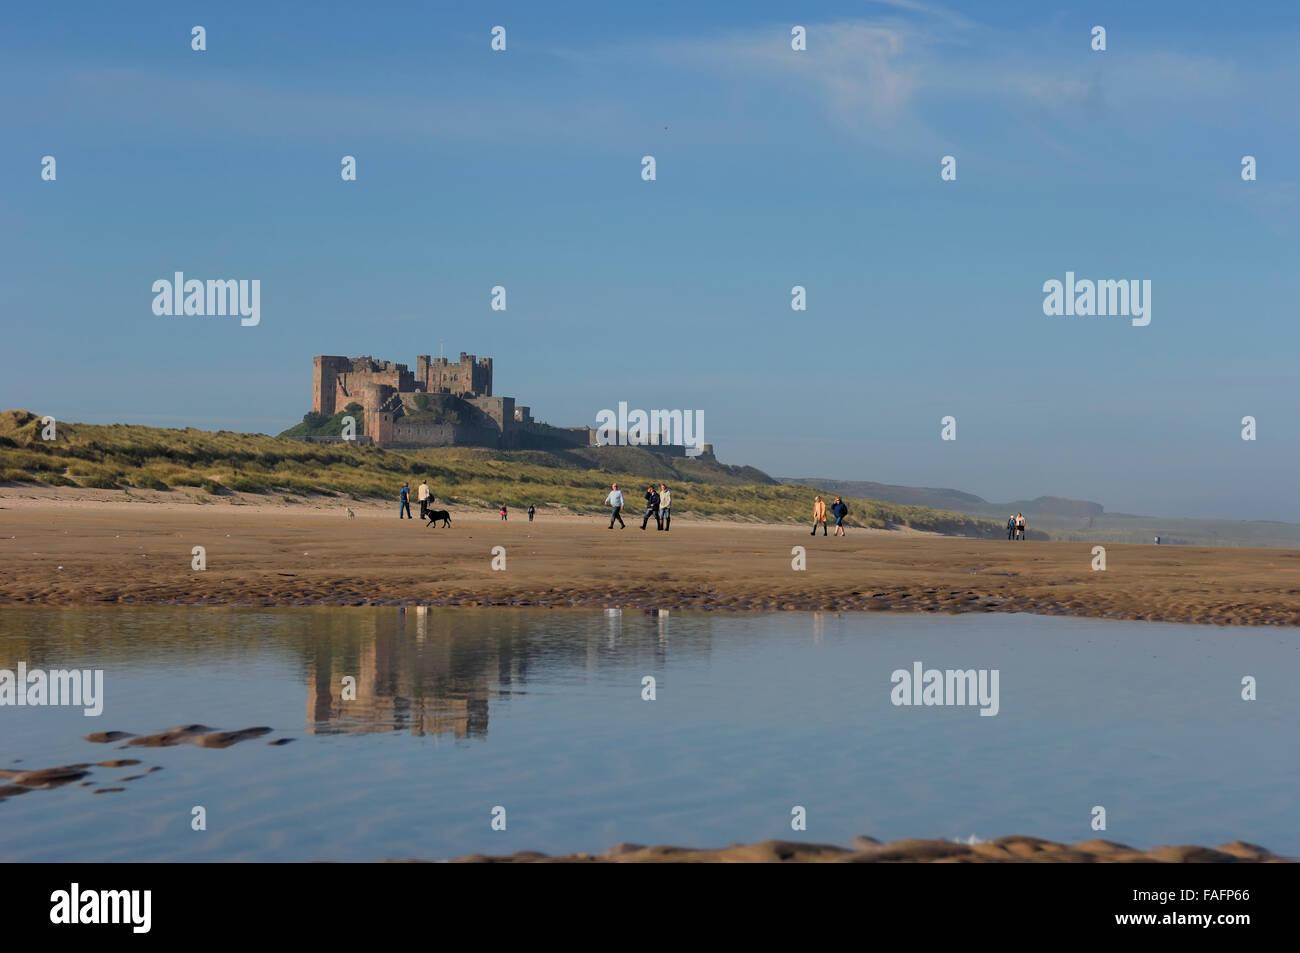 Am Meer spazieren Bamburgh Strand mit Bamburgh Castle im Hintergrund. Northumberland. England. UK Stockbild